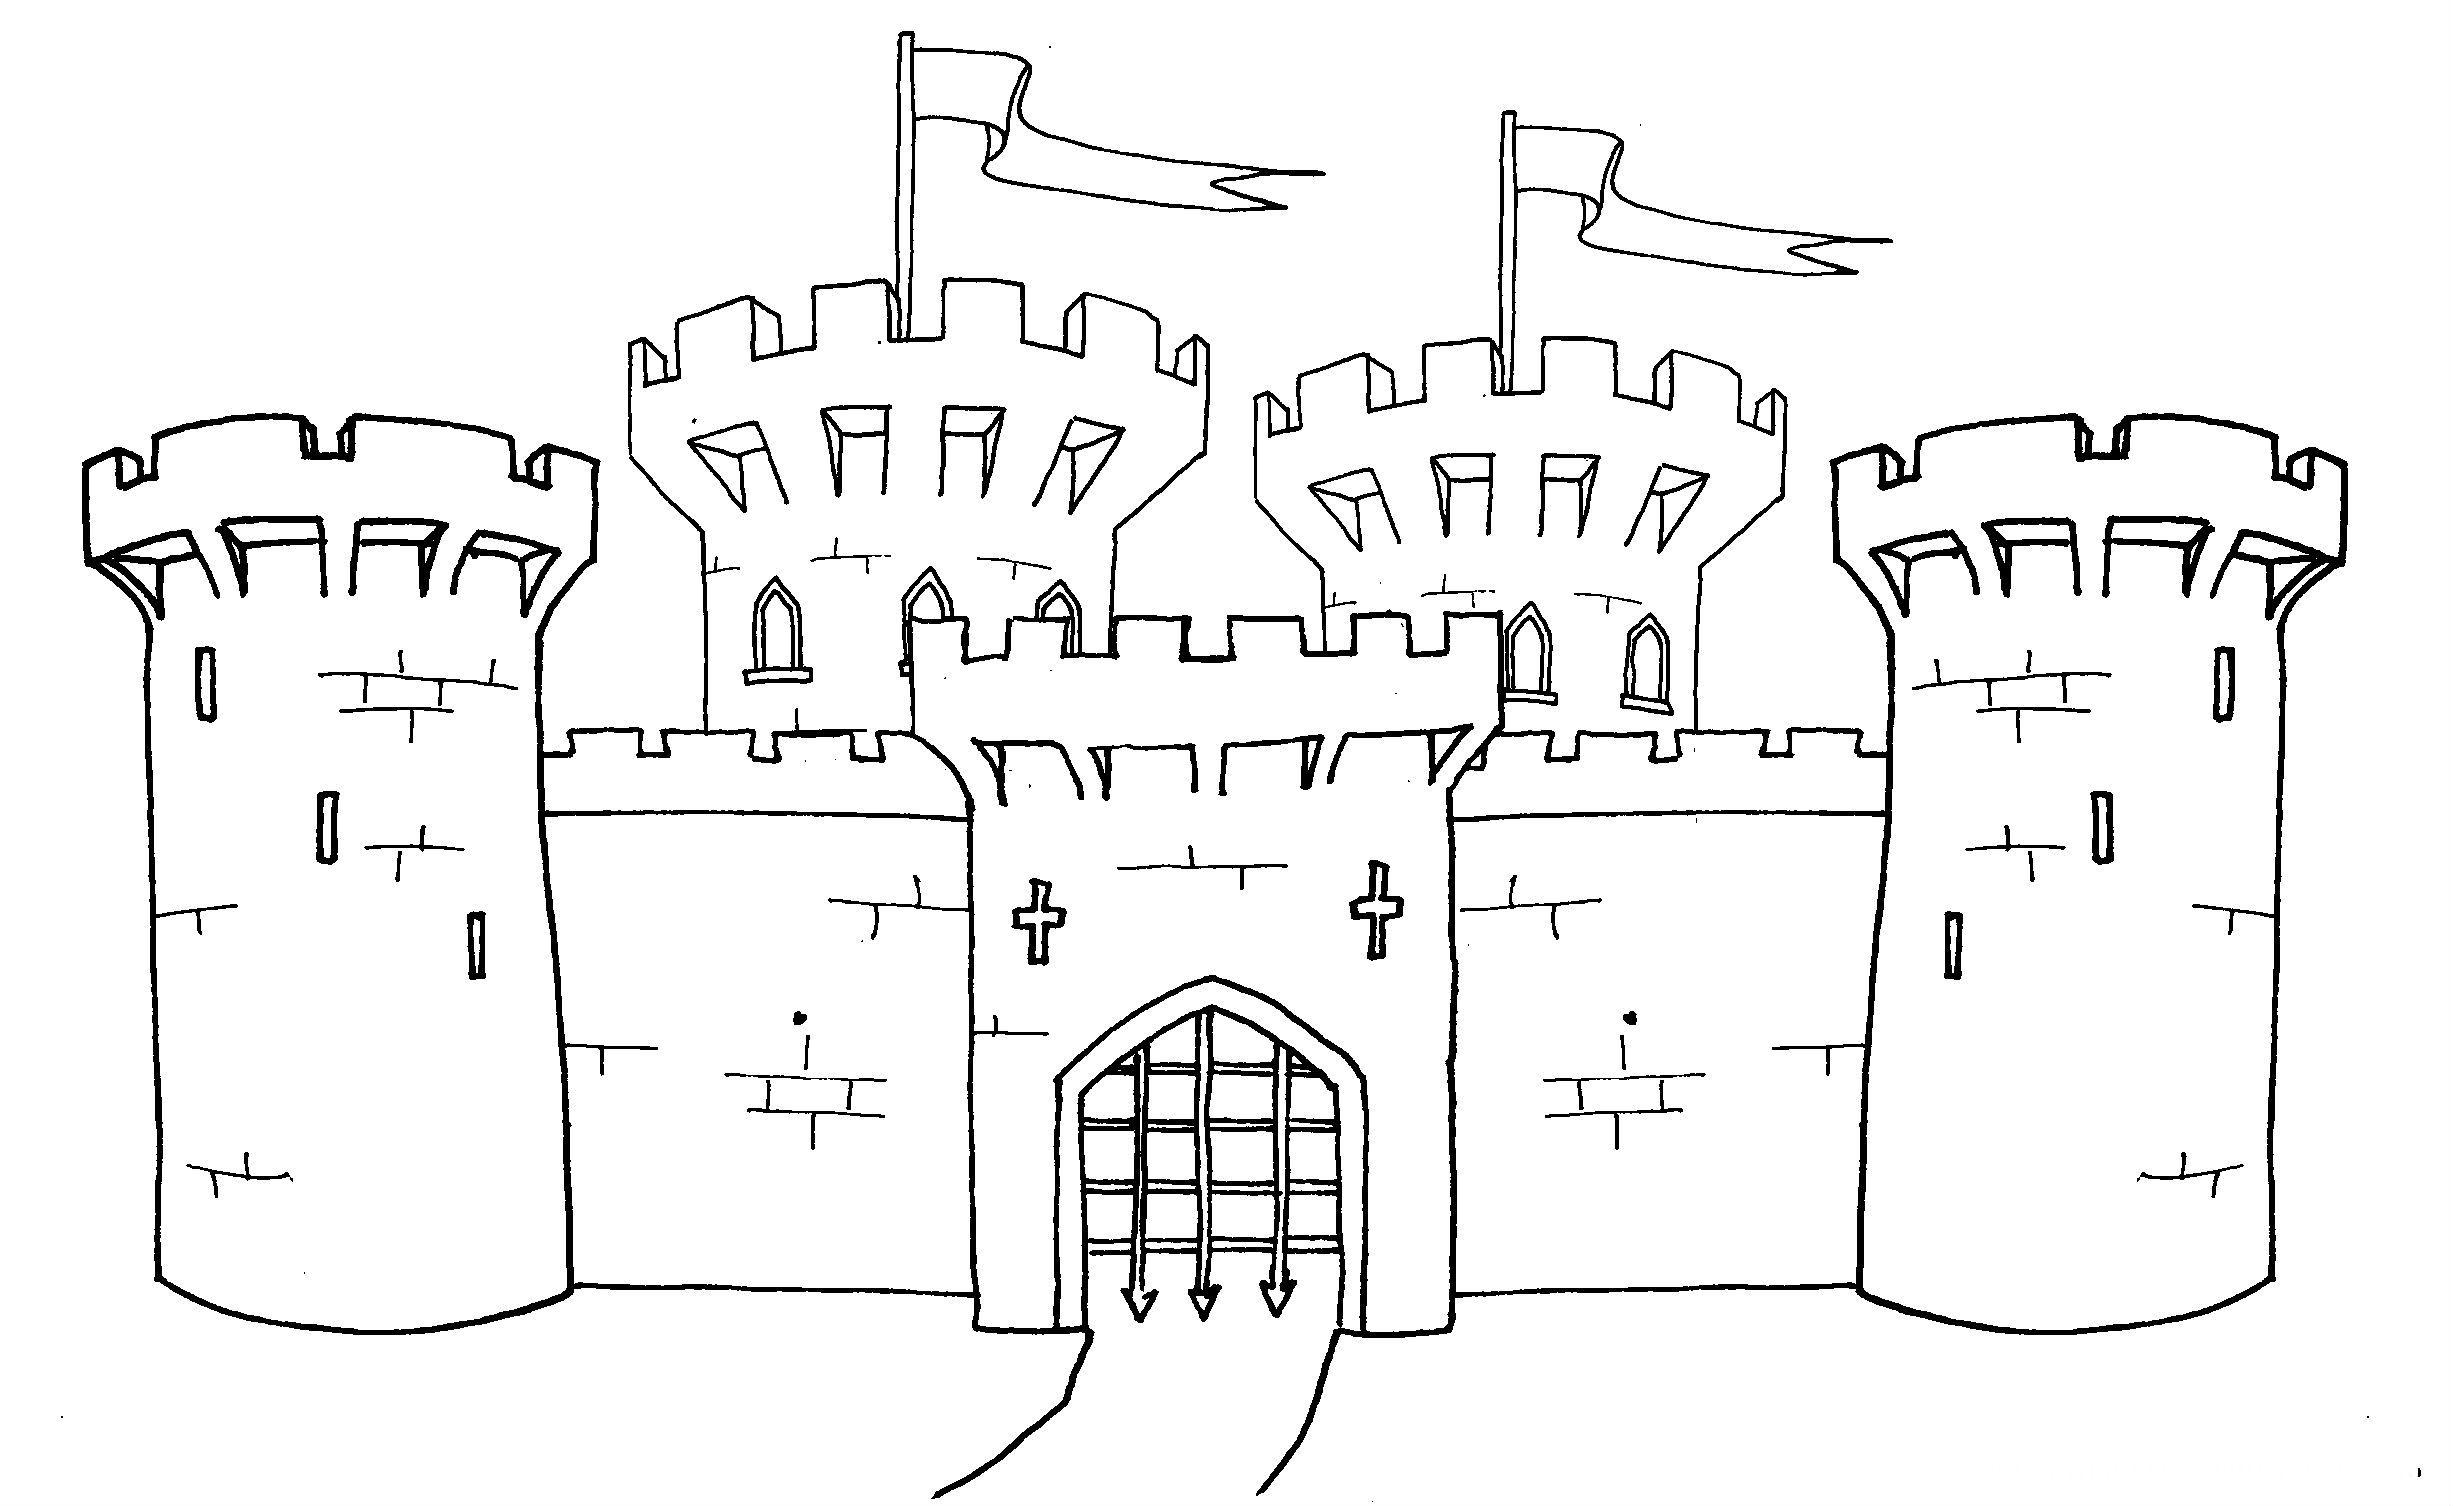 Unique Castles Coloring Pages For Kids D7l Printable Castles And Knights Coloring Pages For Kids Drawing Disney